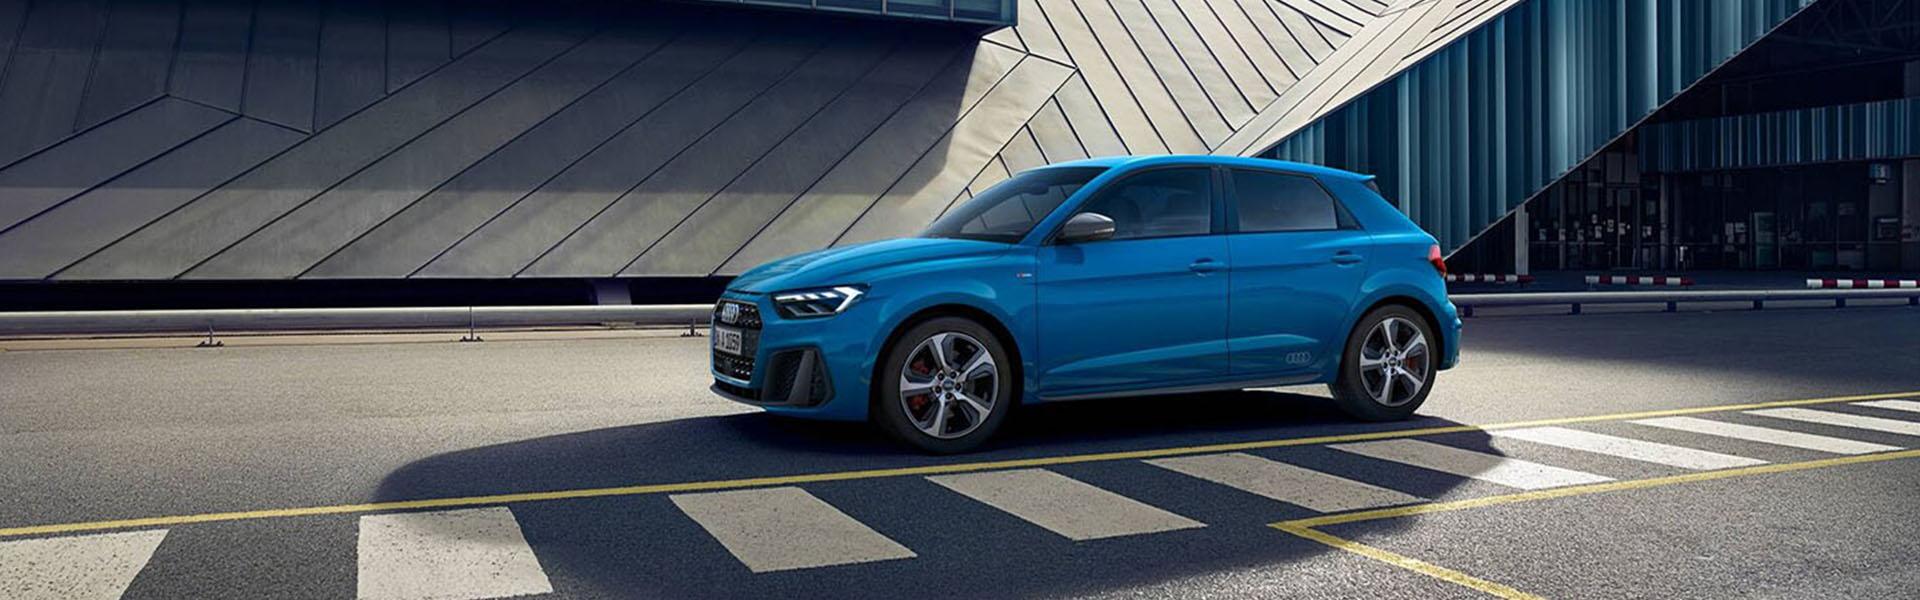 Gandia Motors, Concesionario Oficial Audi en Gandia (Valencia)